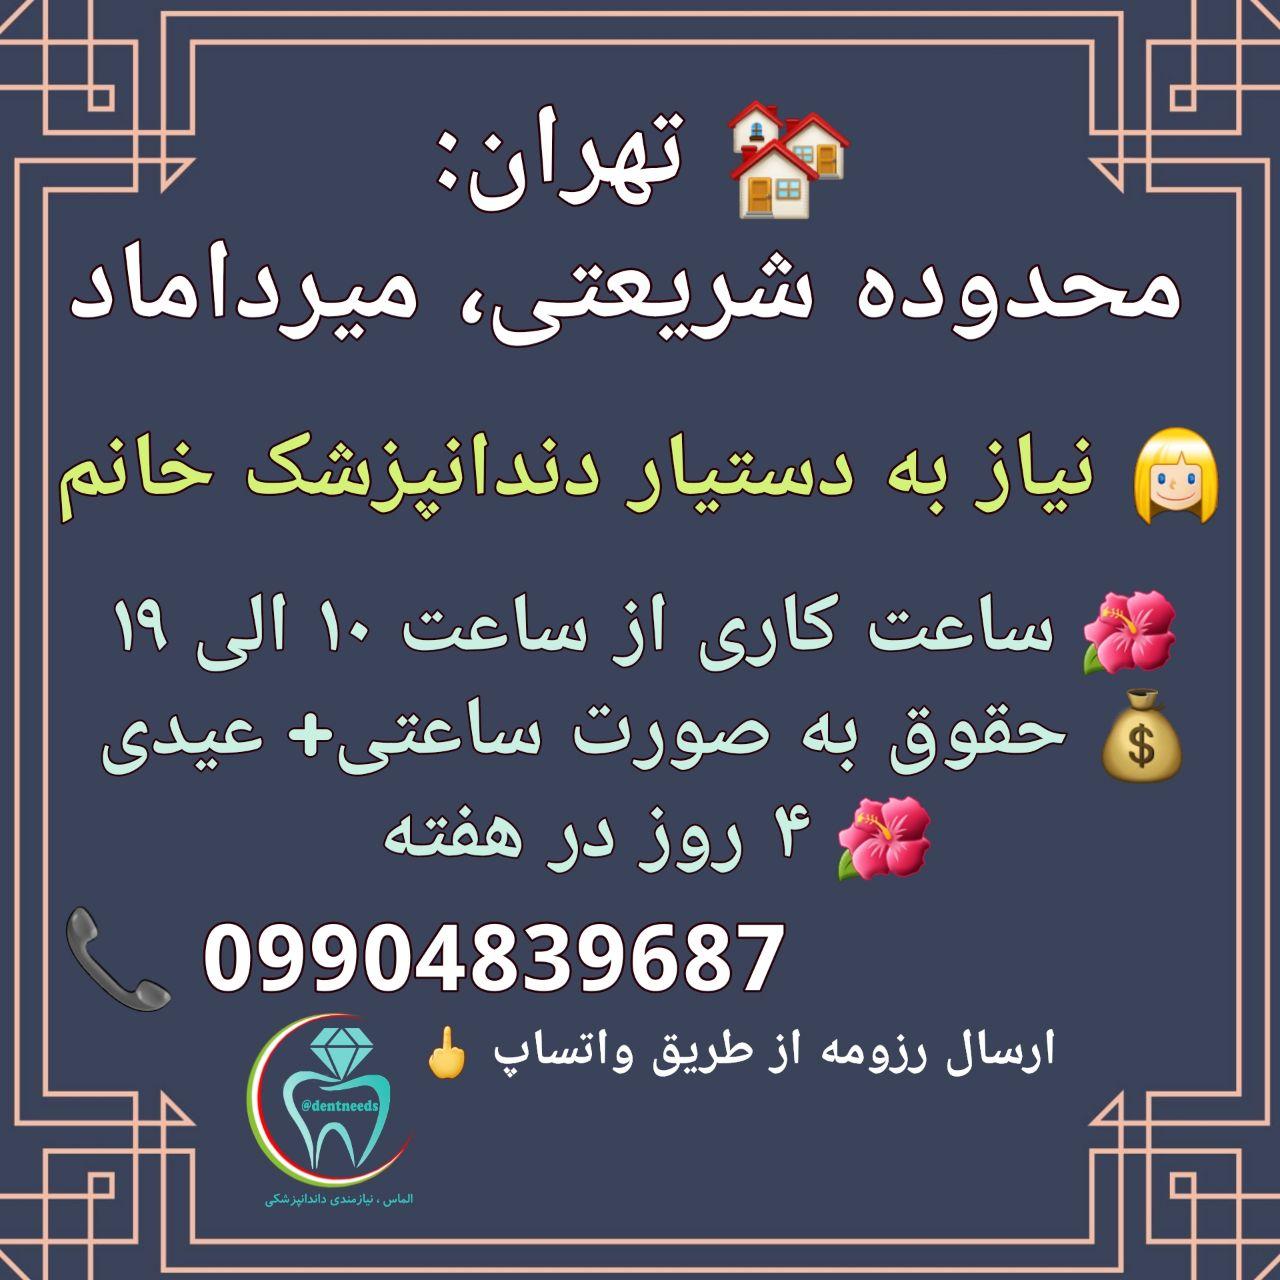 تهران: محدوده شریعتی، میرداماد، نیاز به دستیار دندانپزشک